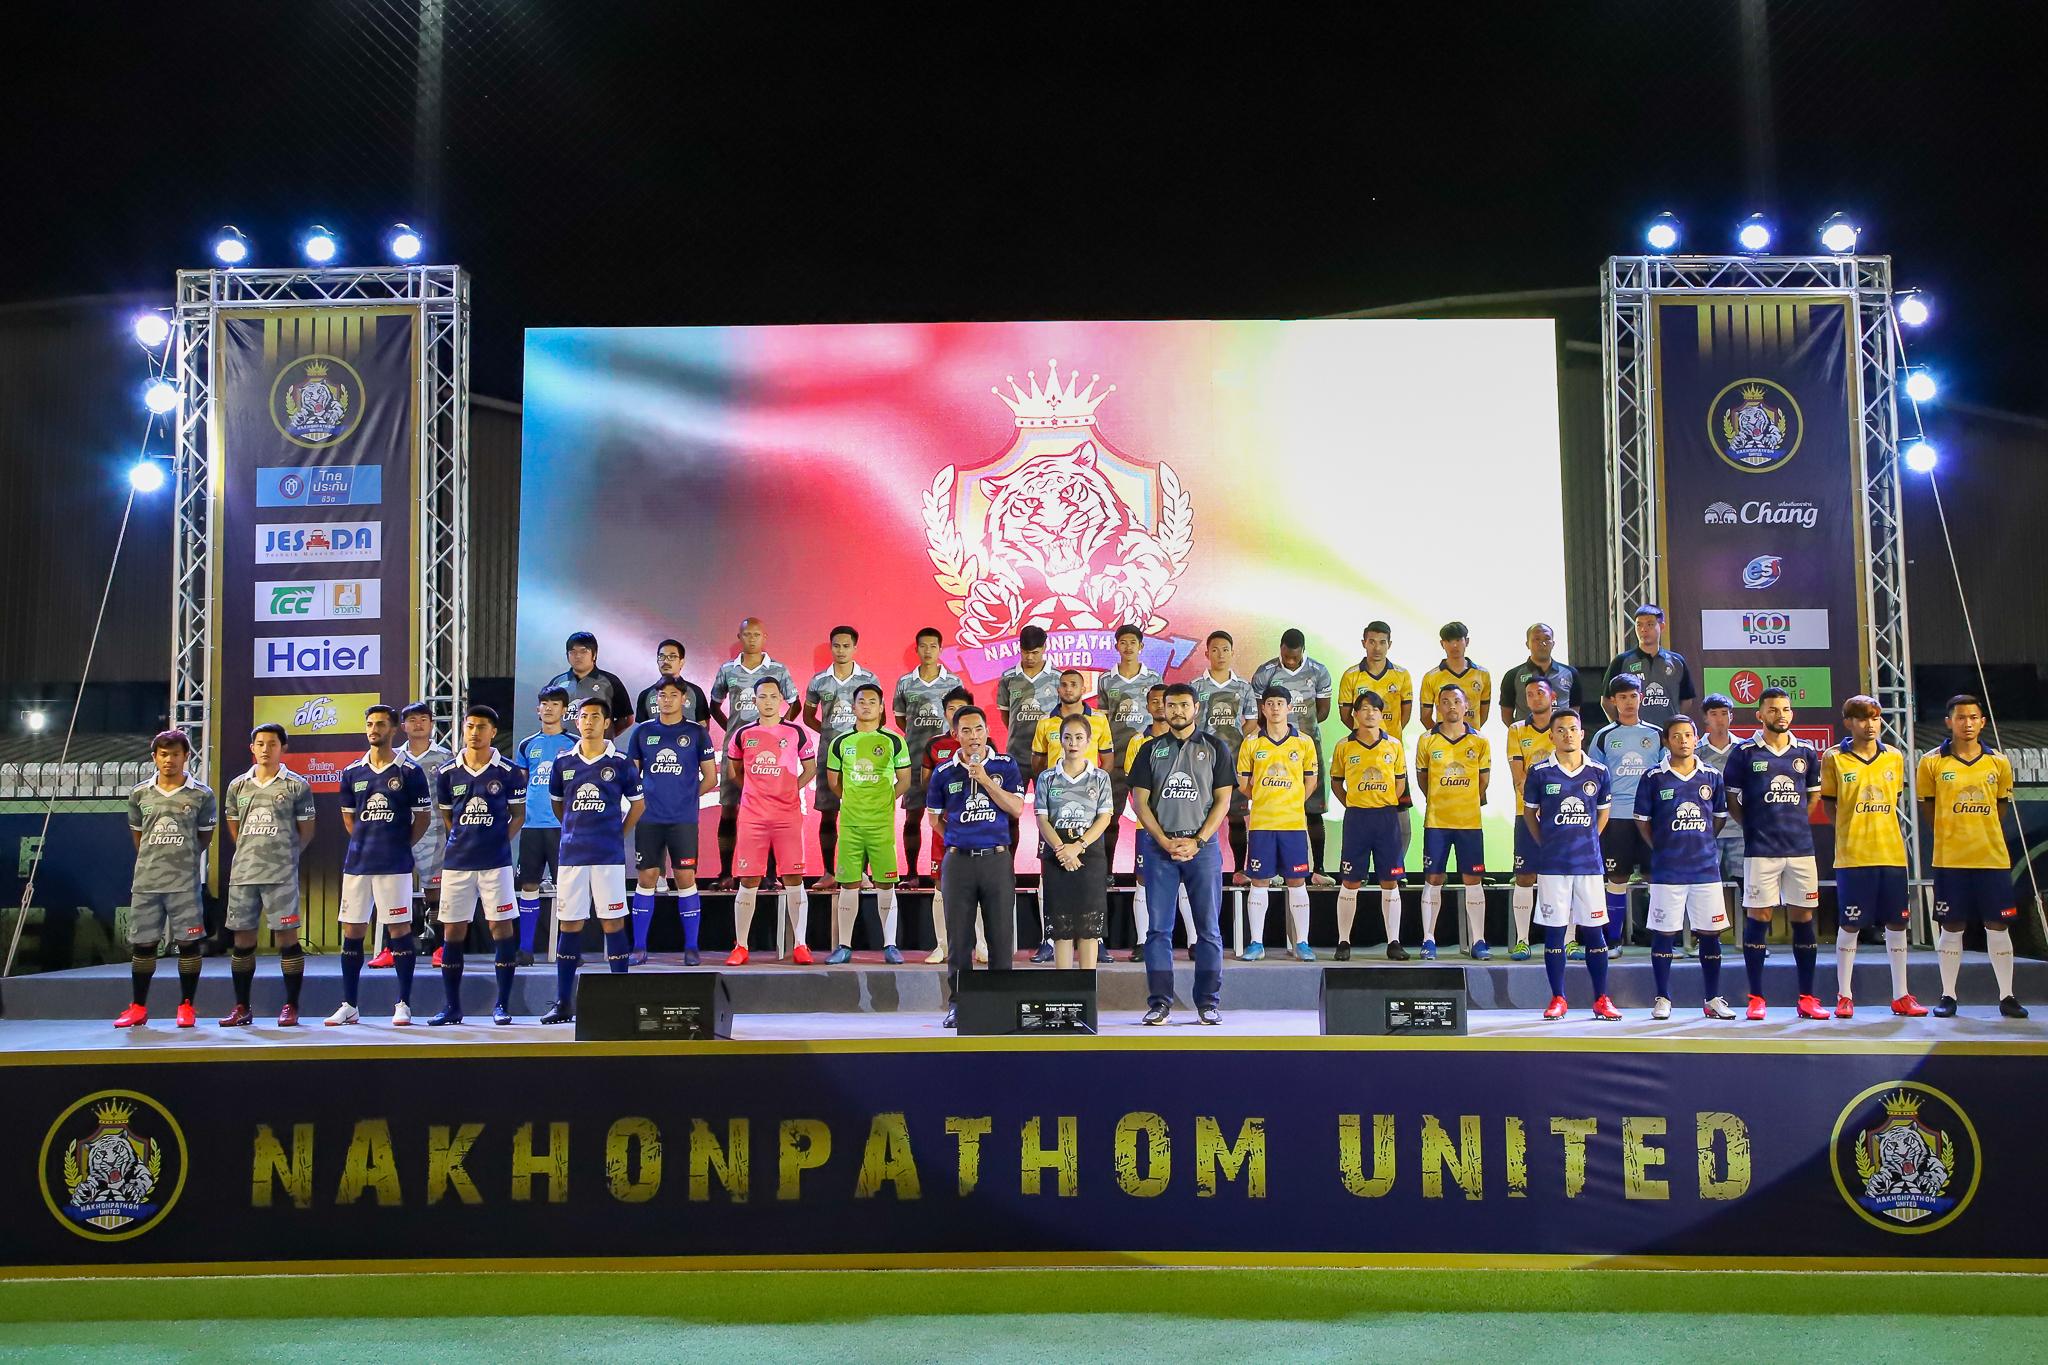 นครปฐมยูไนเต็ด เปิดตัวนักเตะและชุดสู้ศึกไทยลีก 2 ฤดูกาล 2020